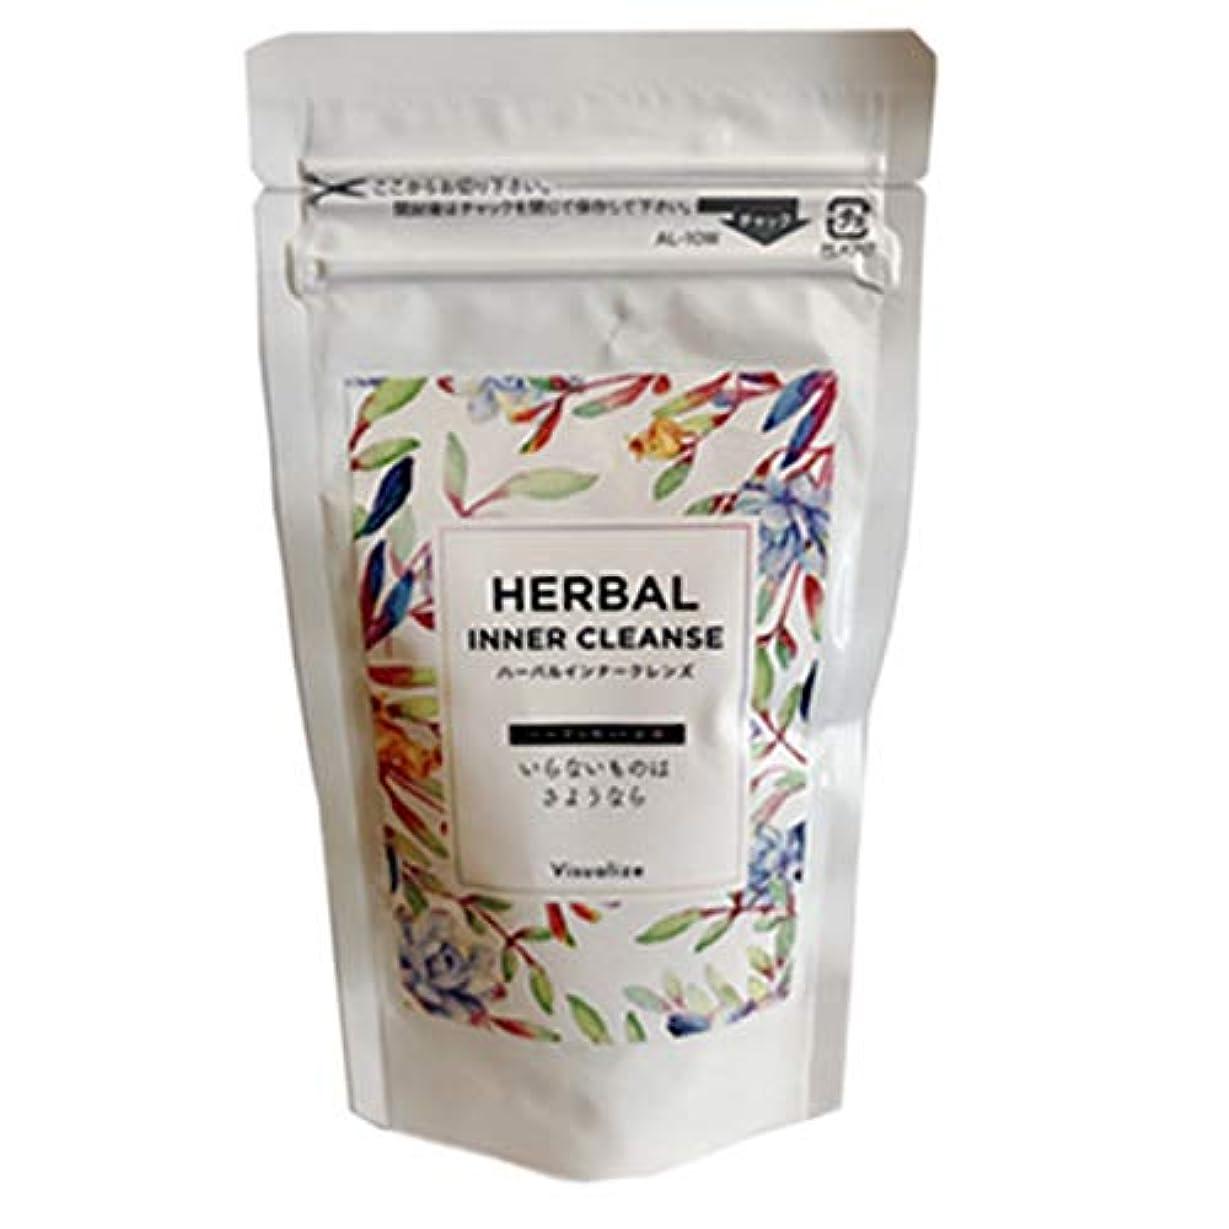 悲しむ独立して探検ハーバルインナークレンズ Herbal INNER CLEANZE (150粒(tablets))2019/1/8より順次発送